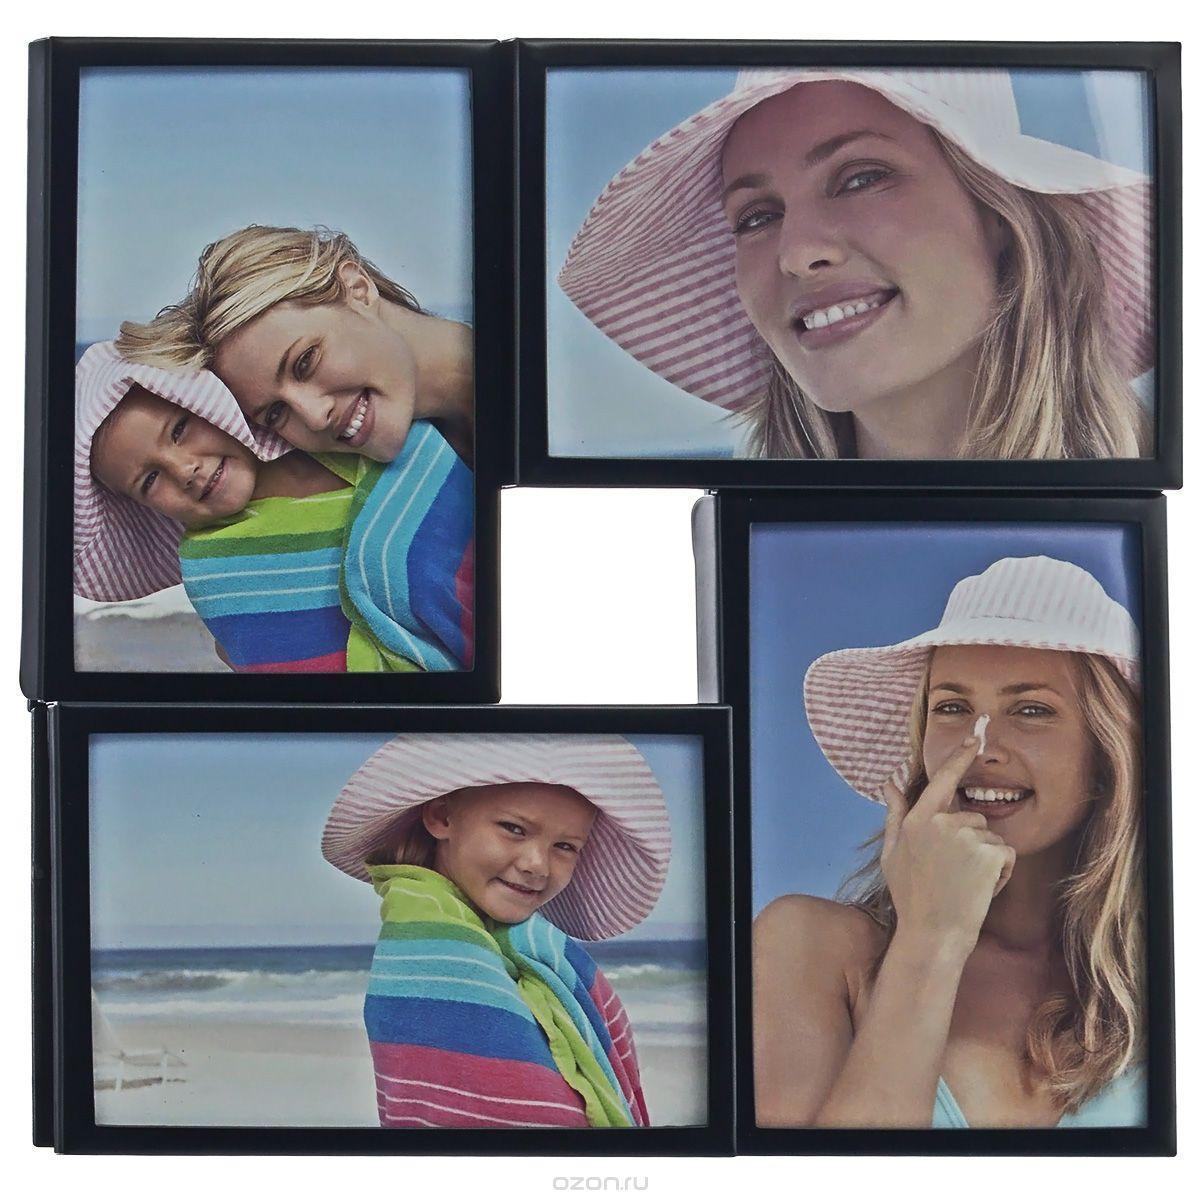 Фоторамка Image Art, цвет: черный, на 4 фото, 10 х 15 см 50553986005355055398600535Фоторамка-коллаж Image Art - прекрасный способ красиво оформить ваши фотографии. Изделие рассчитано на 4 фотографии. Фоторамка выполнена из металла и защищена стеклом. Фоторамку можно подвесить на стену, для чего с задней стороны предусмотрены специальные отверстия. Такая фоторамка поможет сохранить на память самые яркие моменты вашей жизни, а стильный дизайн сделает ее прекрасным дополнением интерьера.